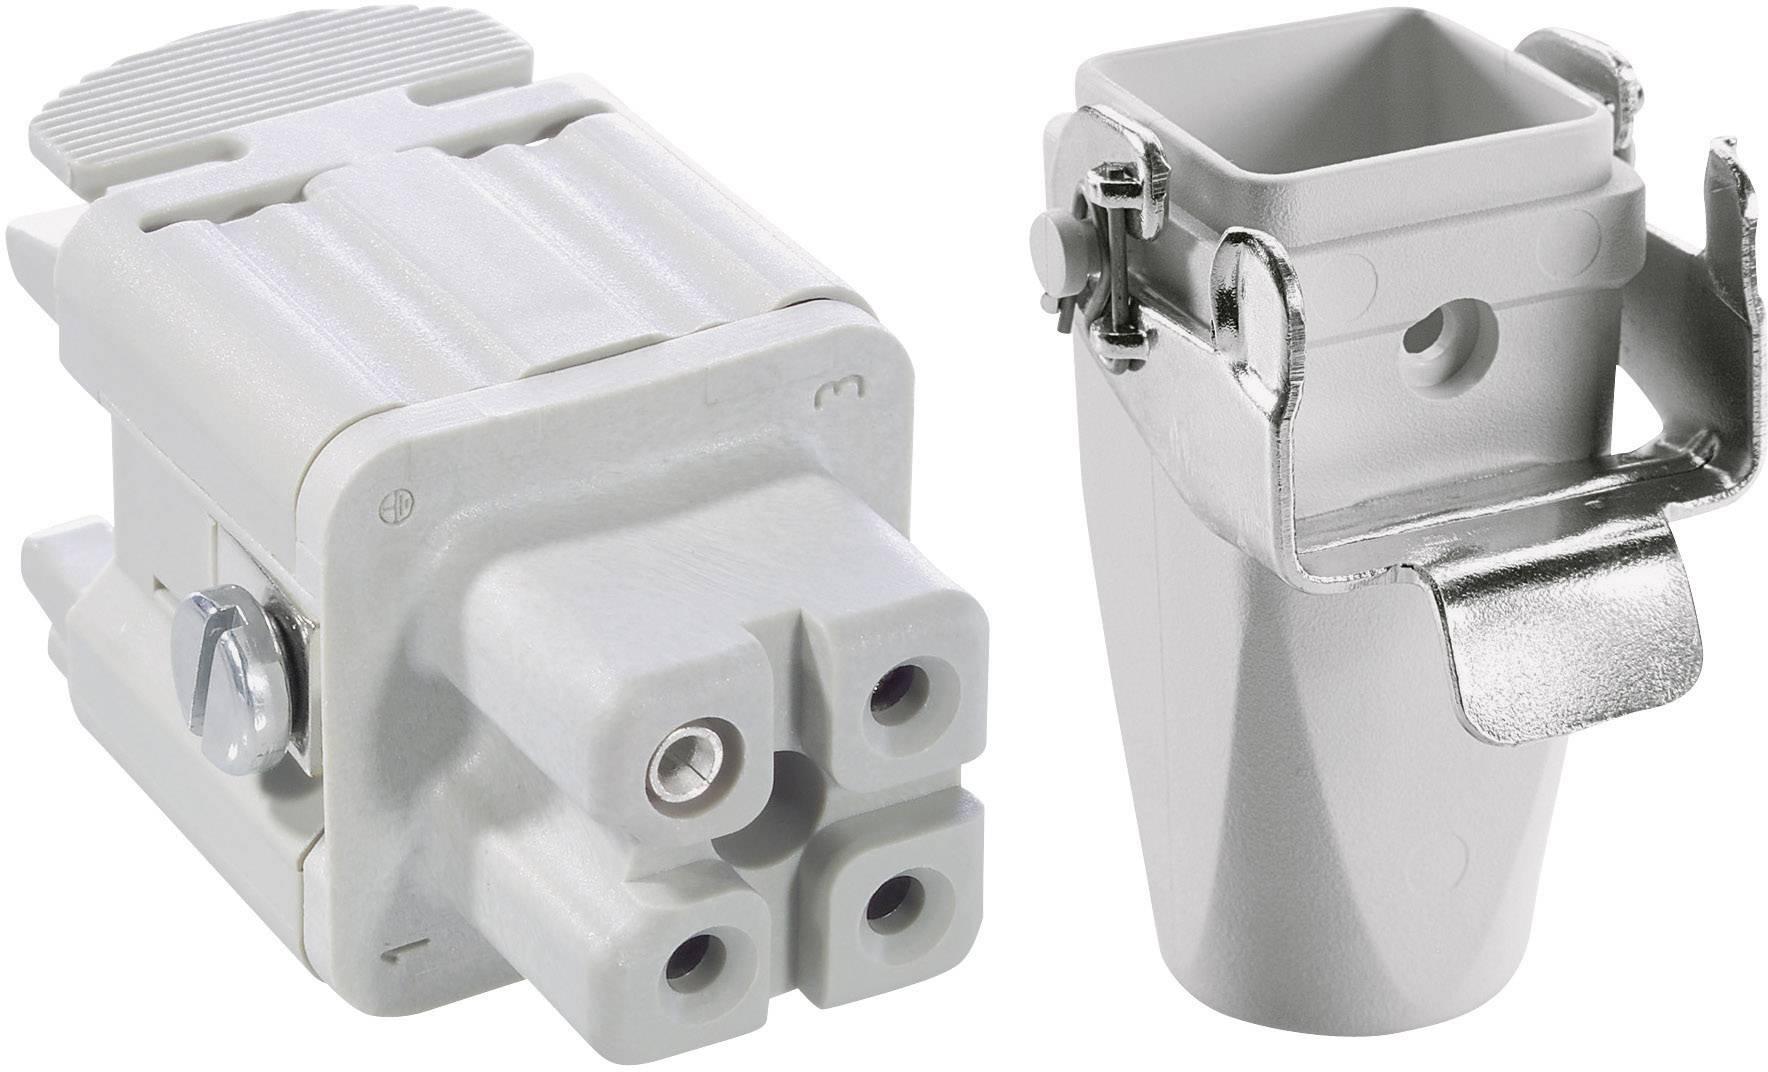 Sada konektorů EPIC®KIT H-A 3 75009611 LAPP 3 + PE šroubovací 1 sada